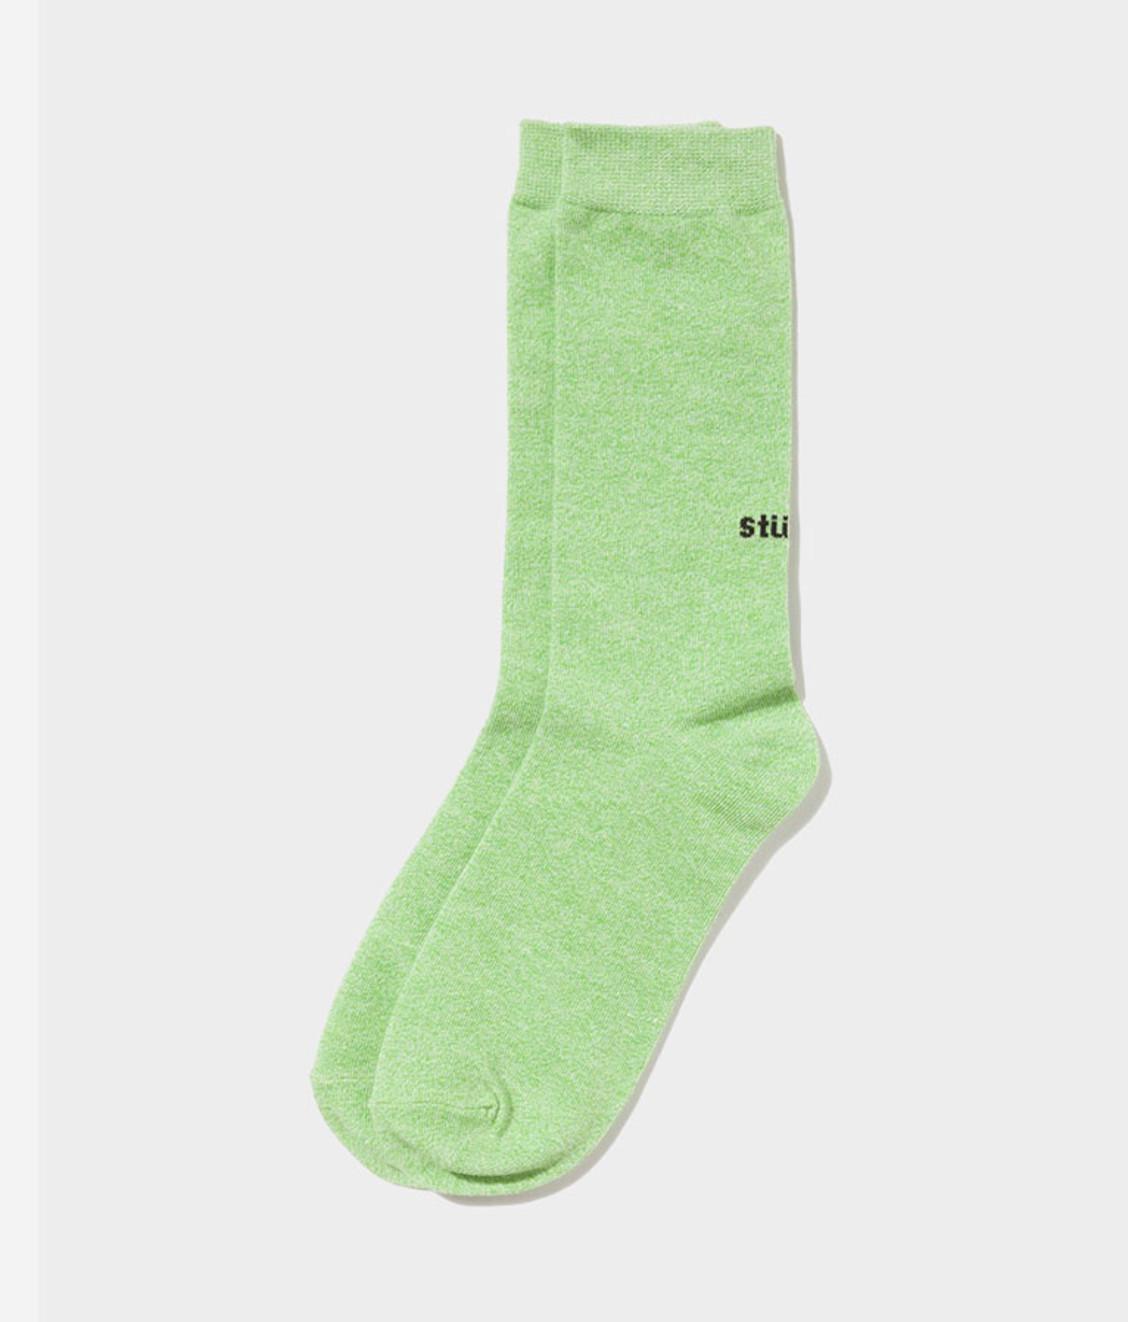 Stussy Stussy Everyday Socks Green